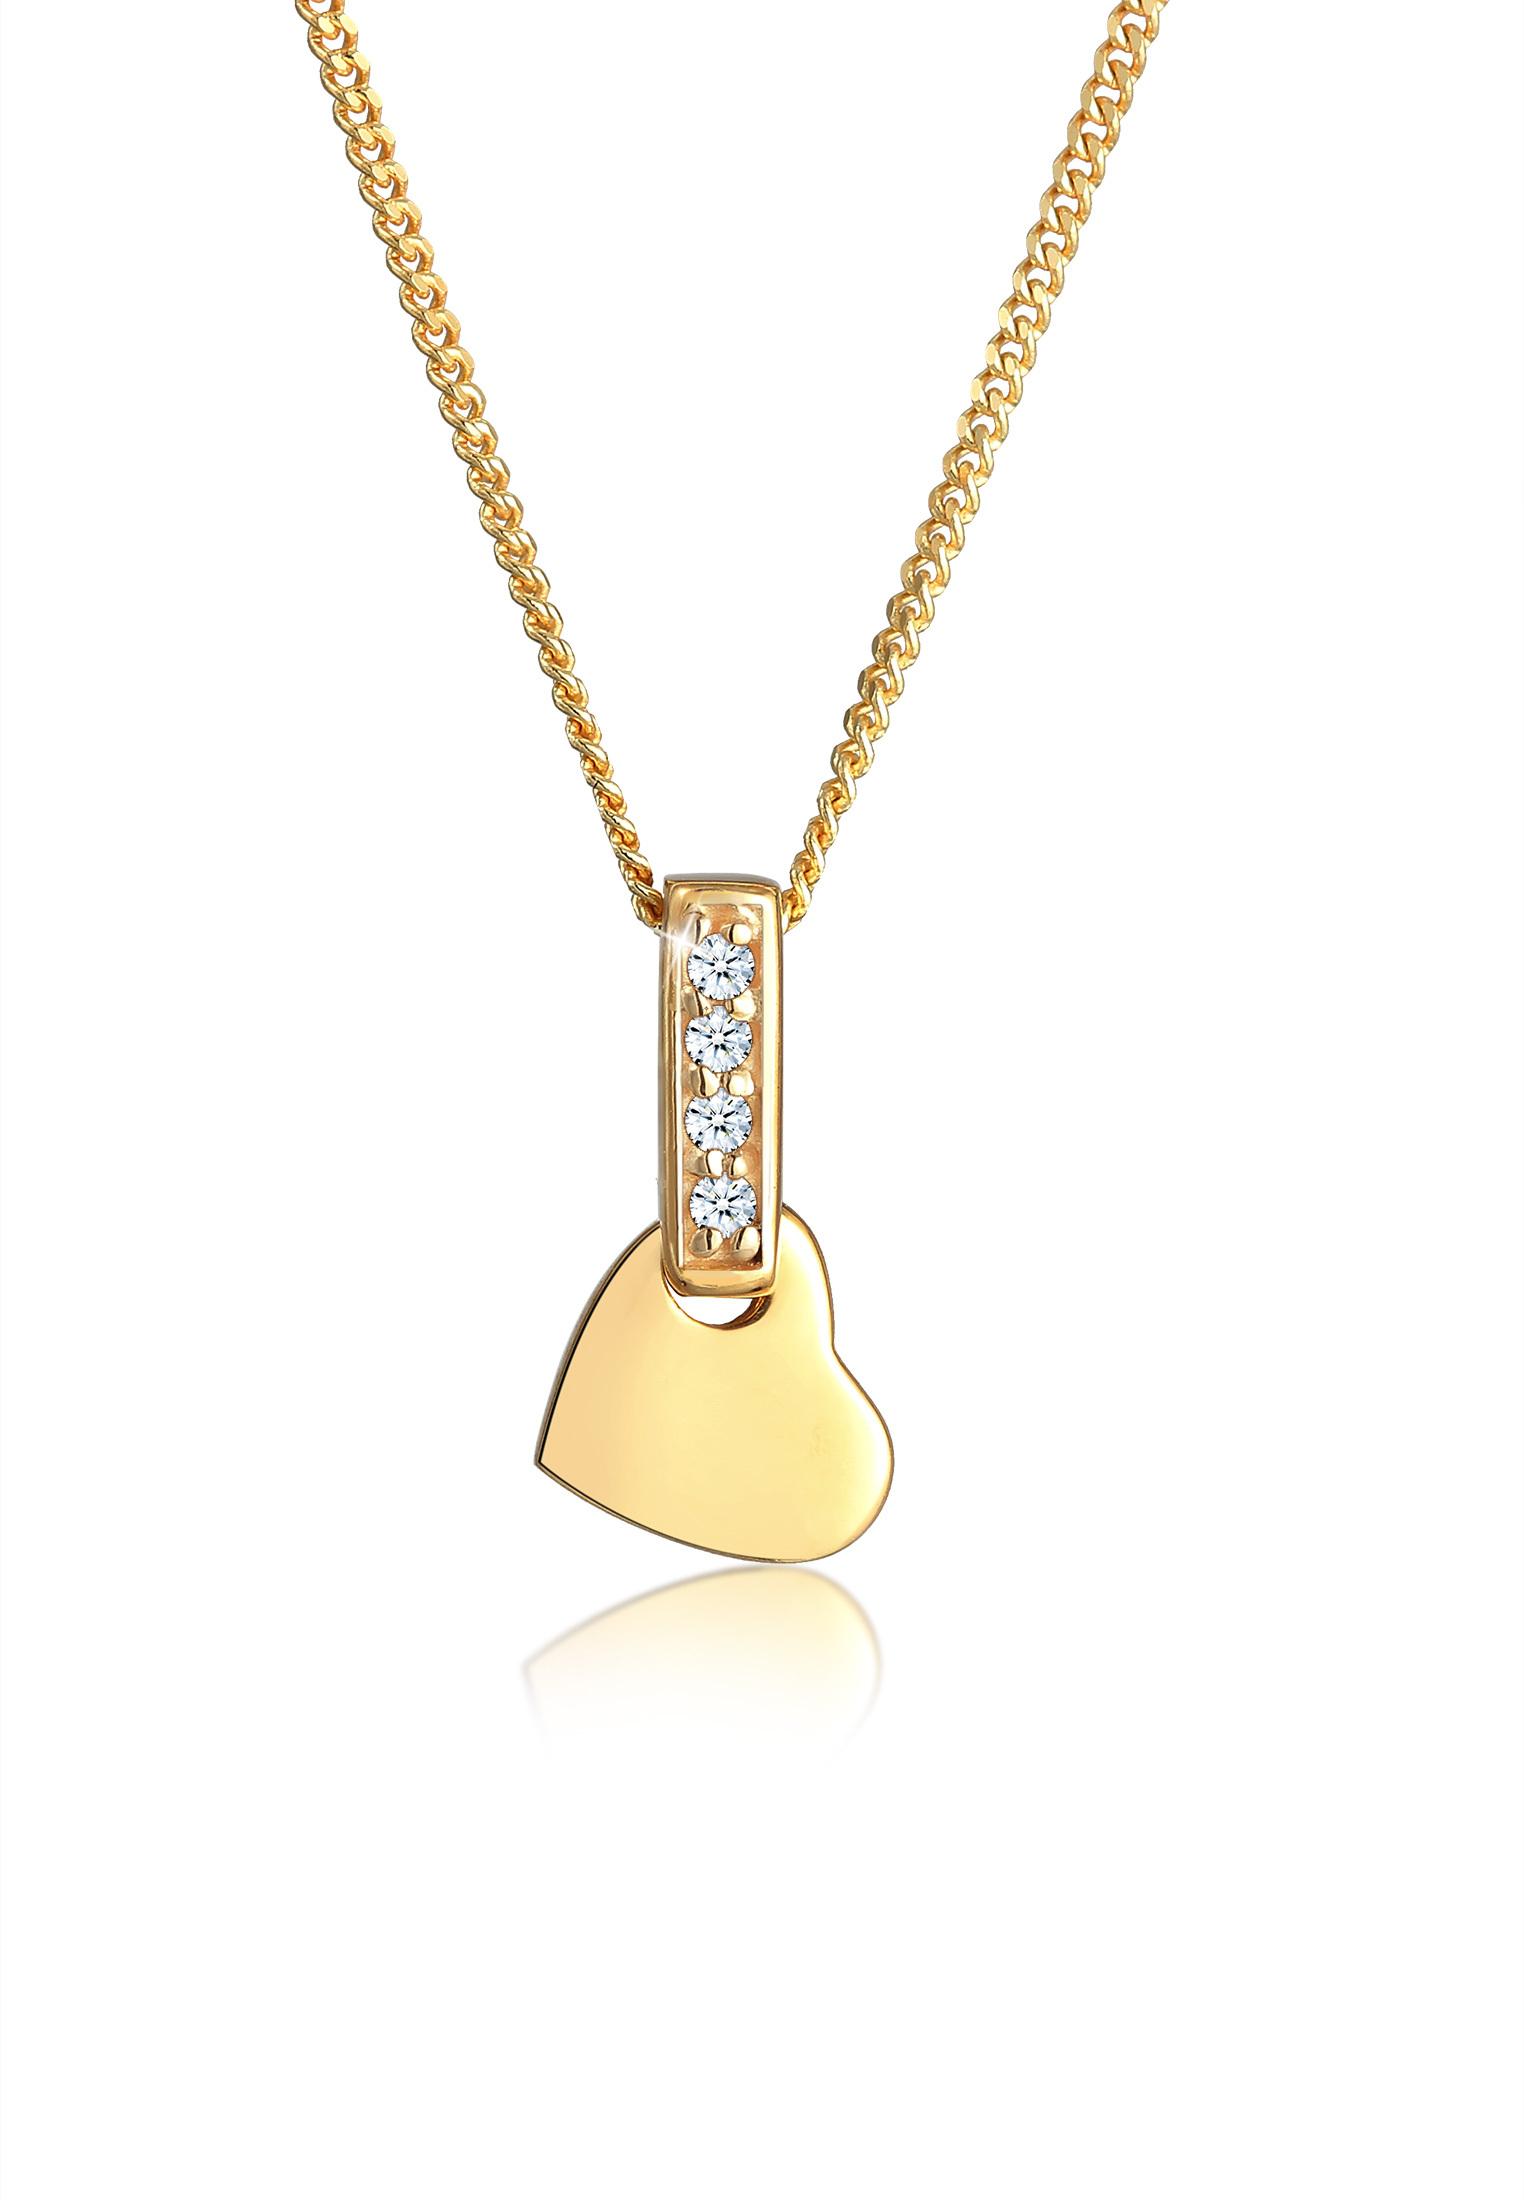 Halskette Herz | Diamant ( Weiß, 0,02 ct ) | 585 Gelbgold